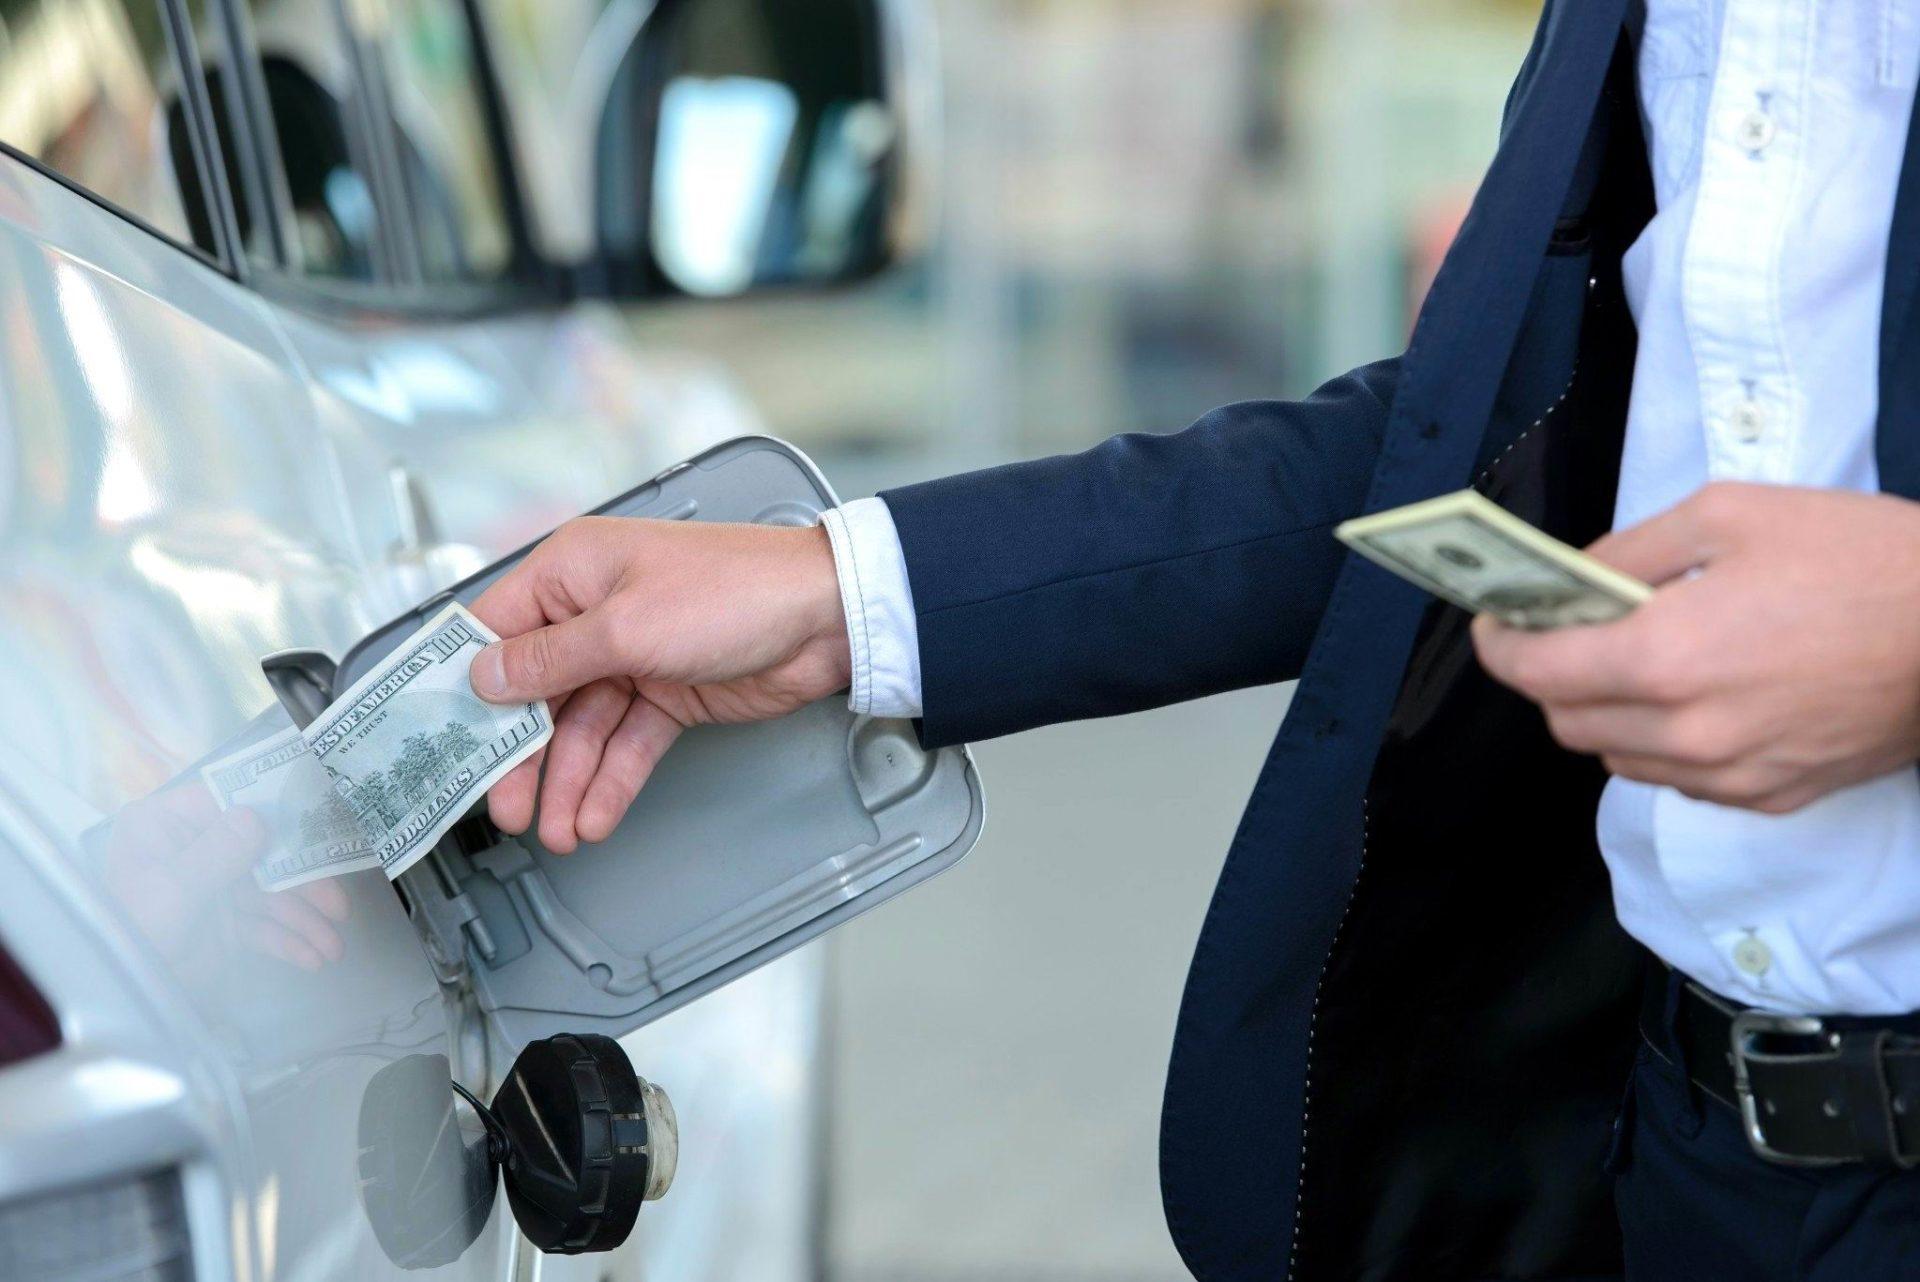 Антон Шапарин советует водителям в РФ изменить манеру езды для ради экономии бензина